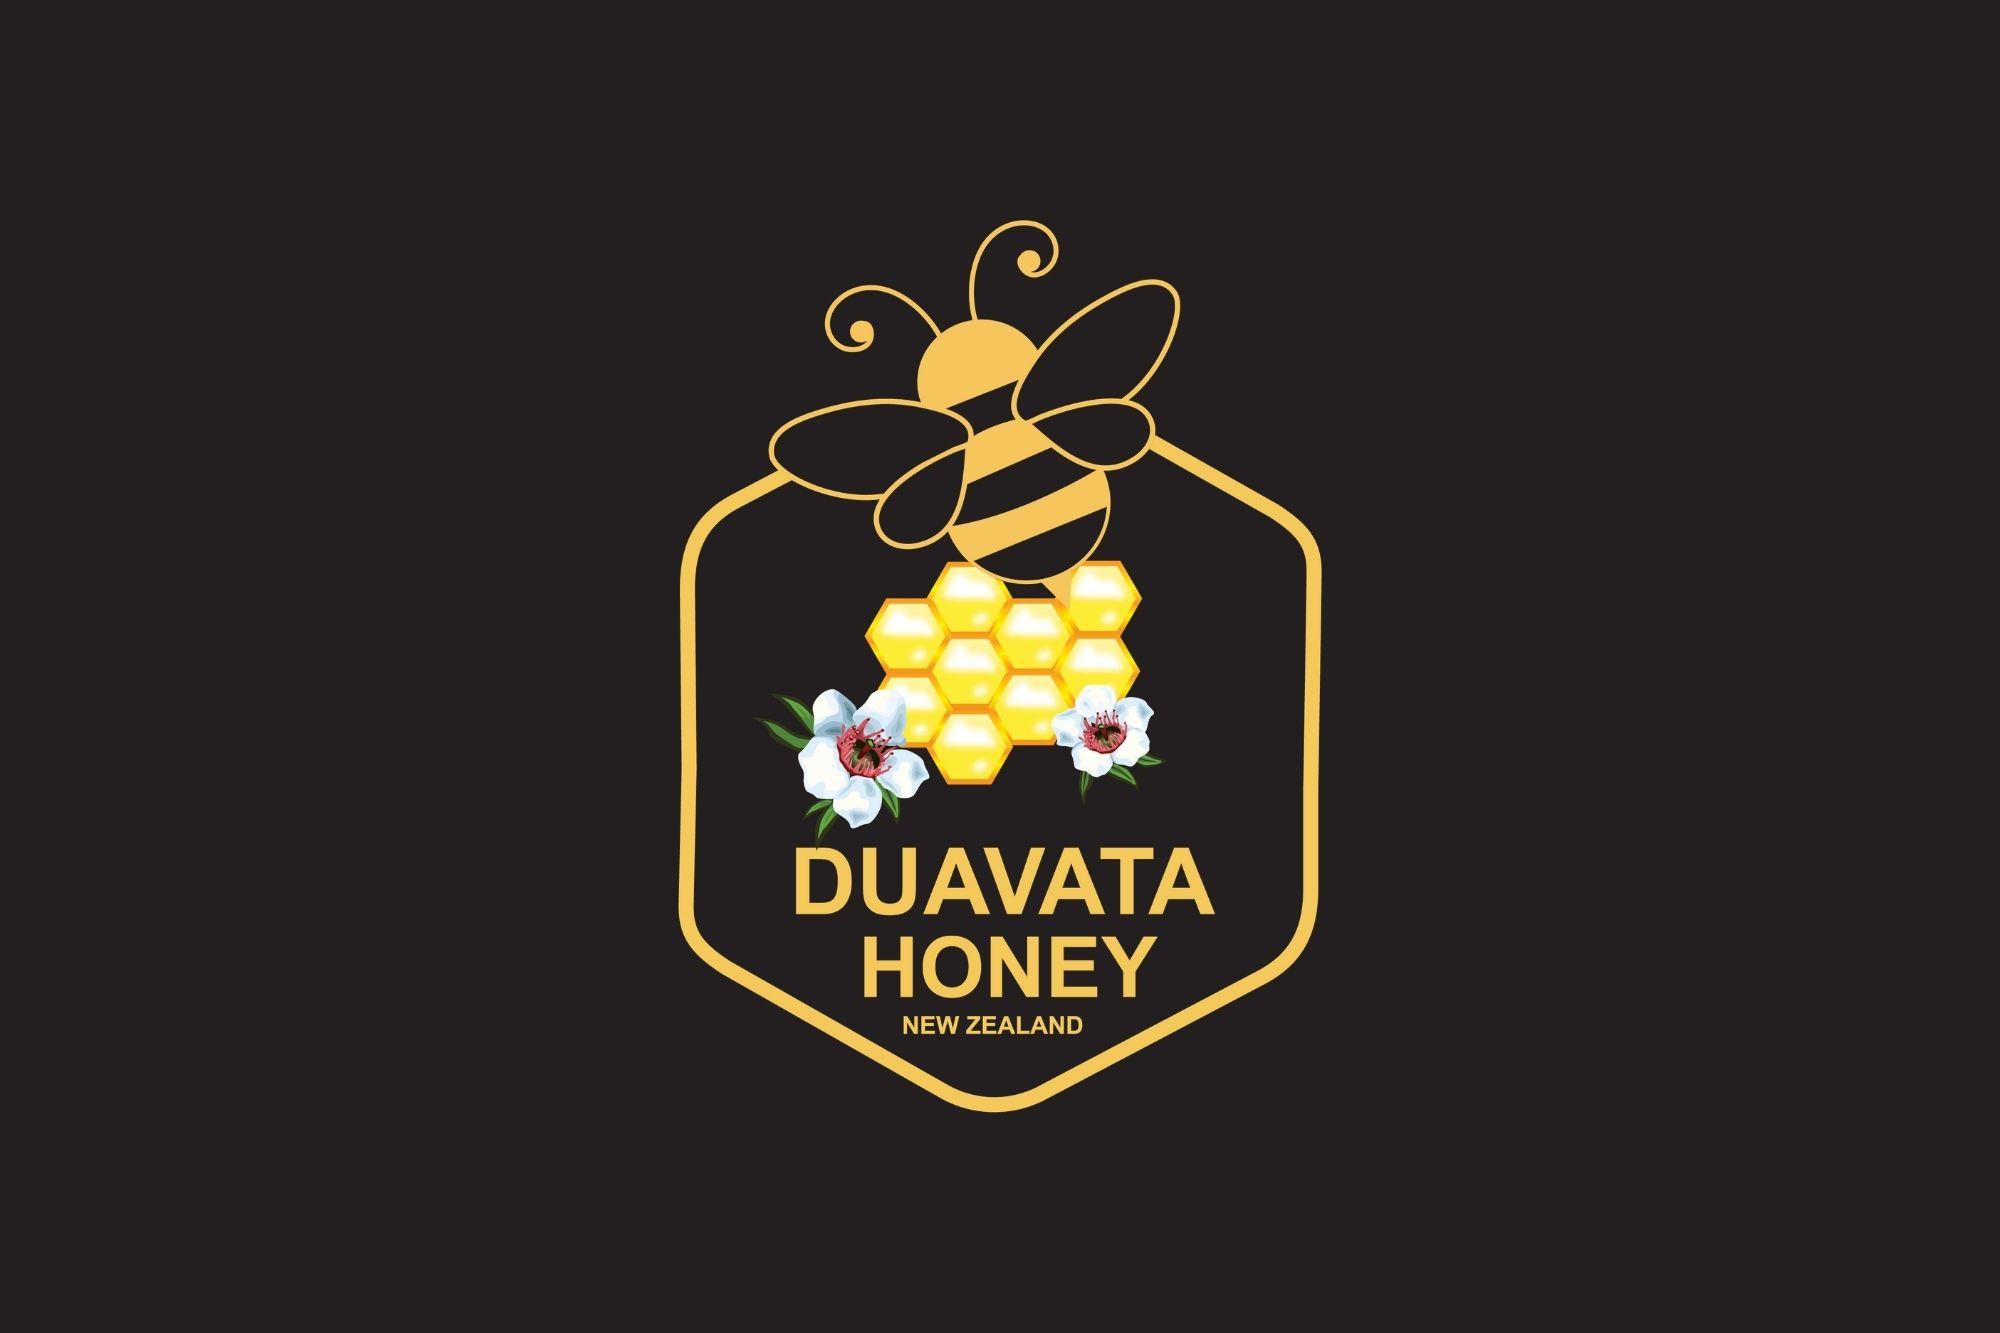 duavata honey brand designing cloud media